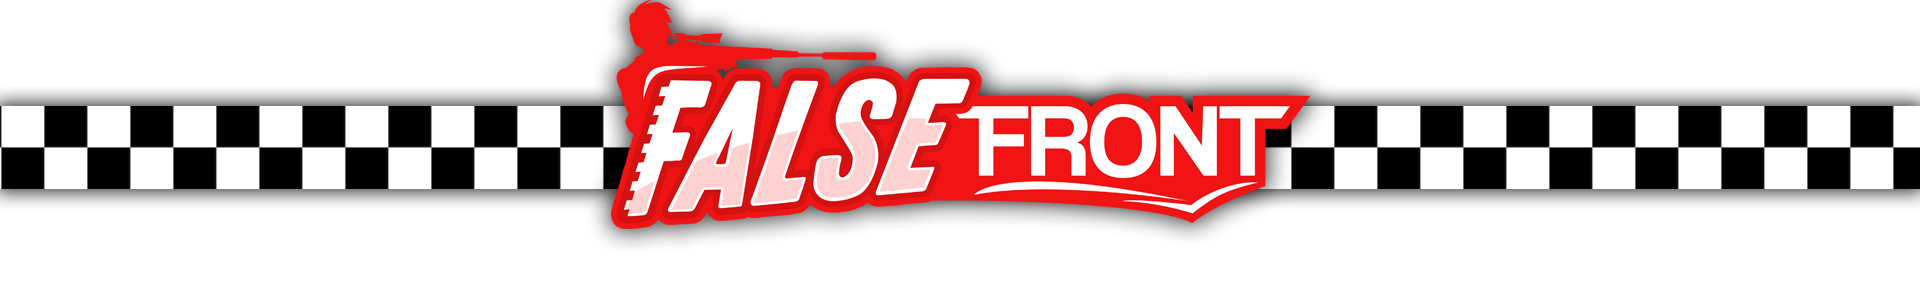 false front header